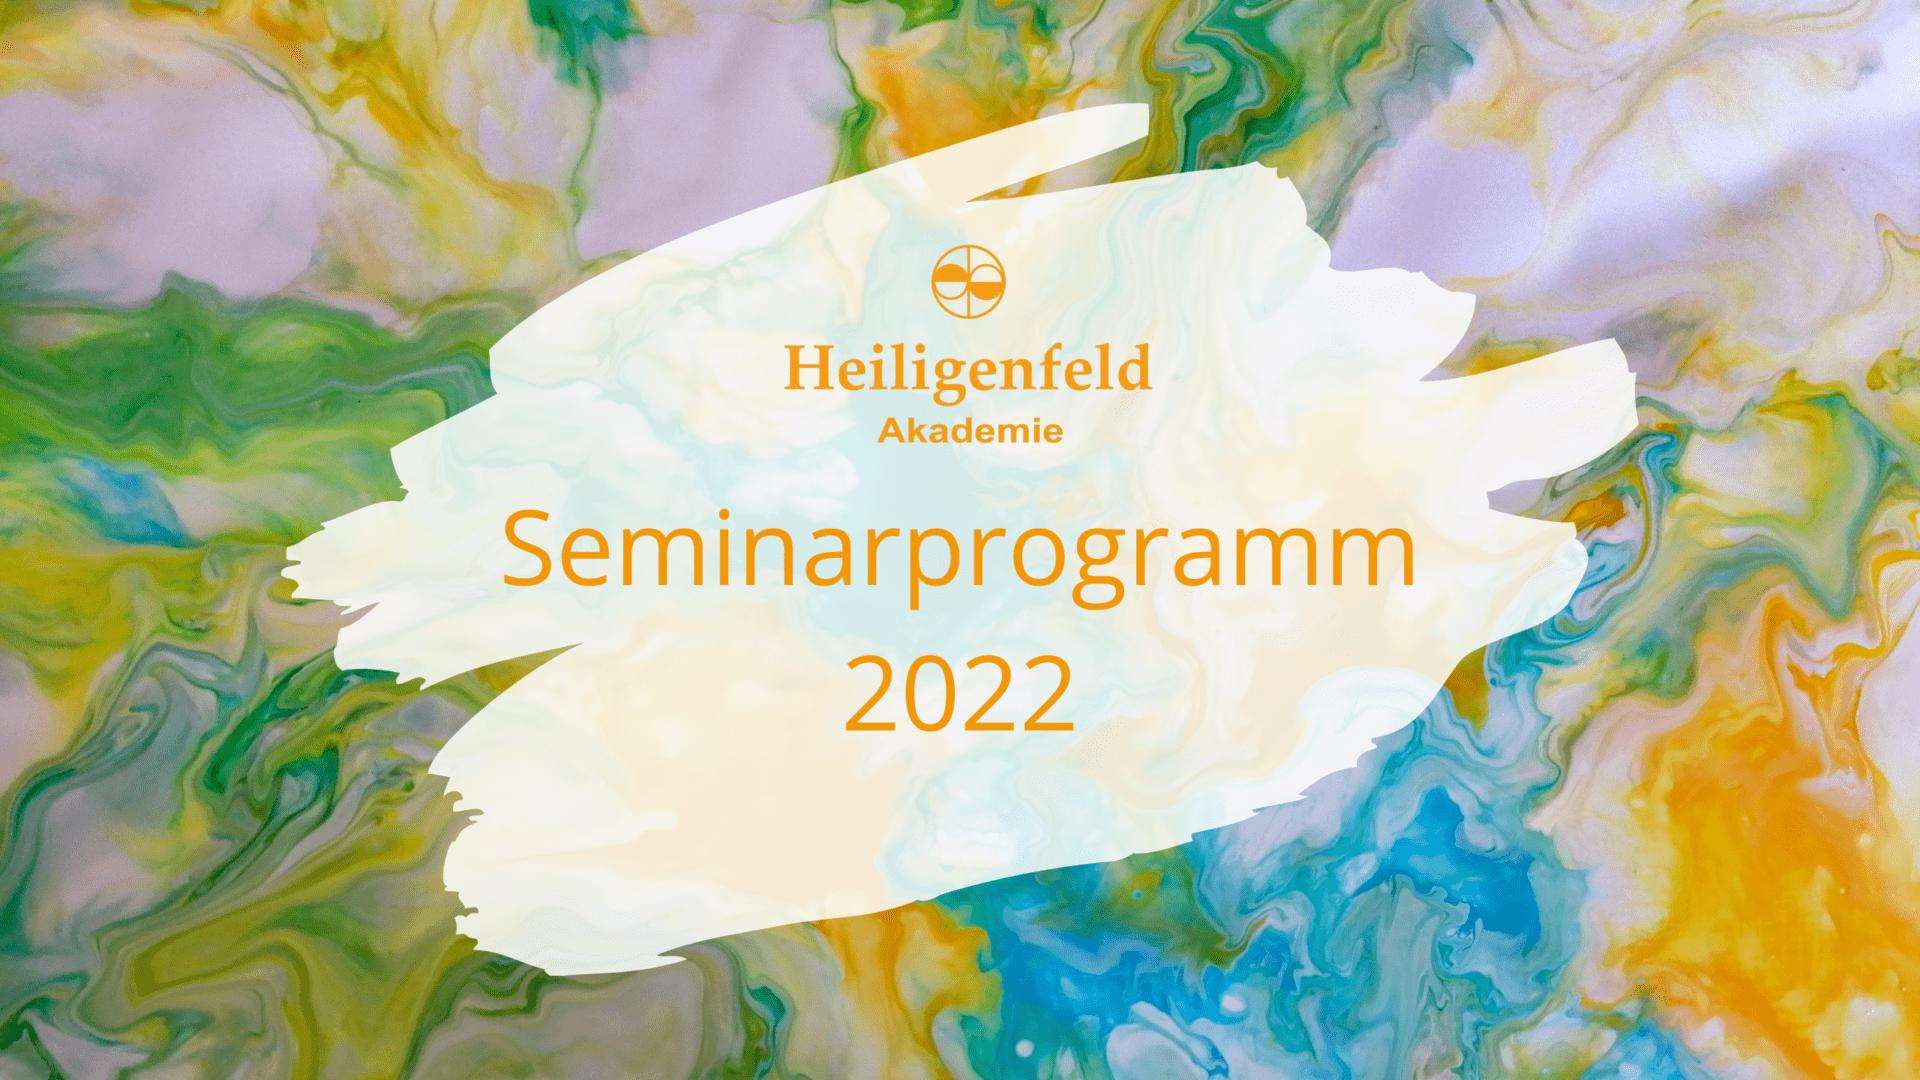 Seminarprogramm 2022 Schriftzug